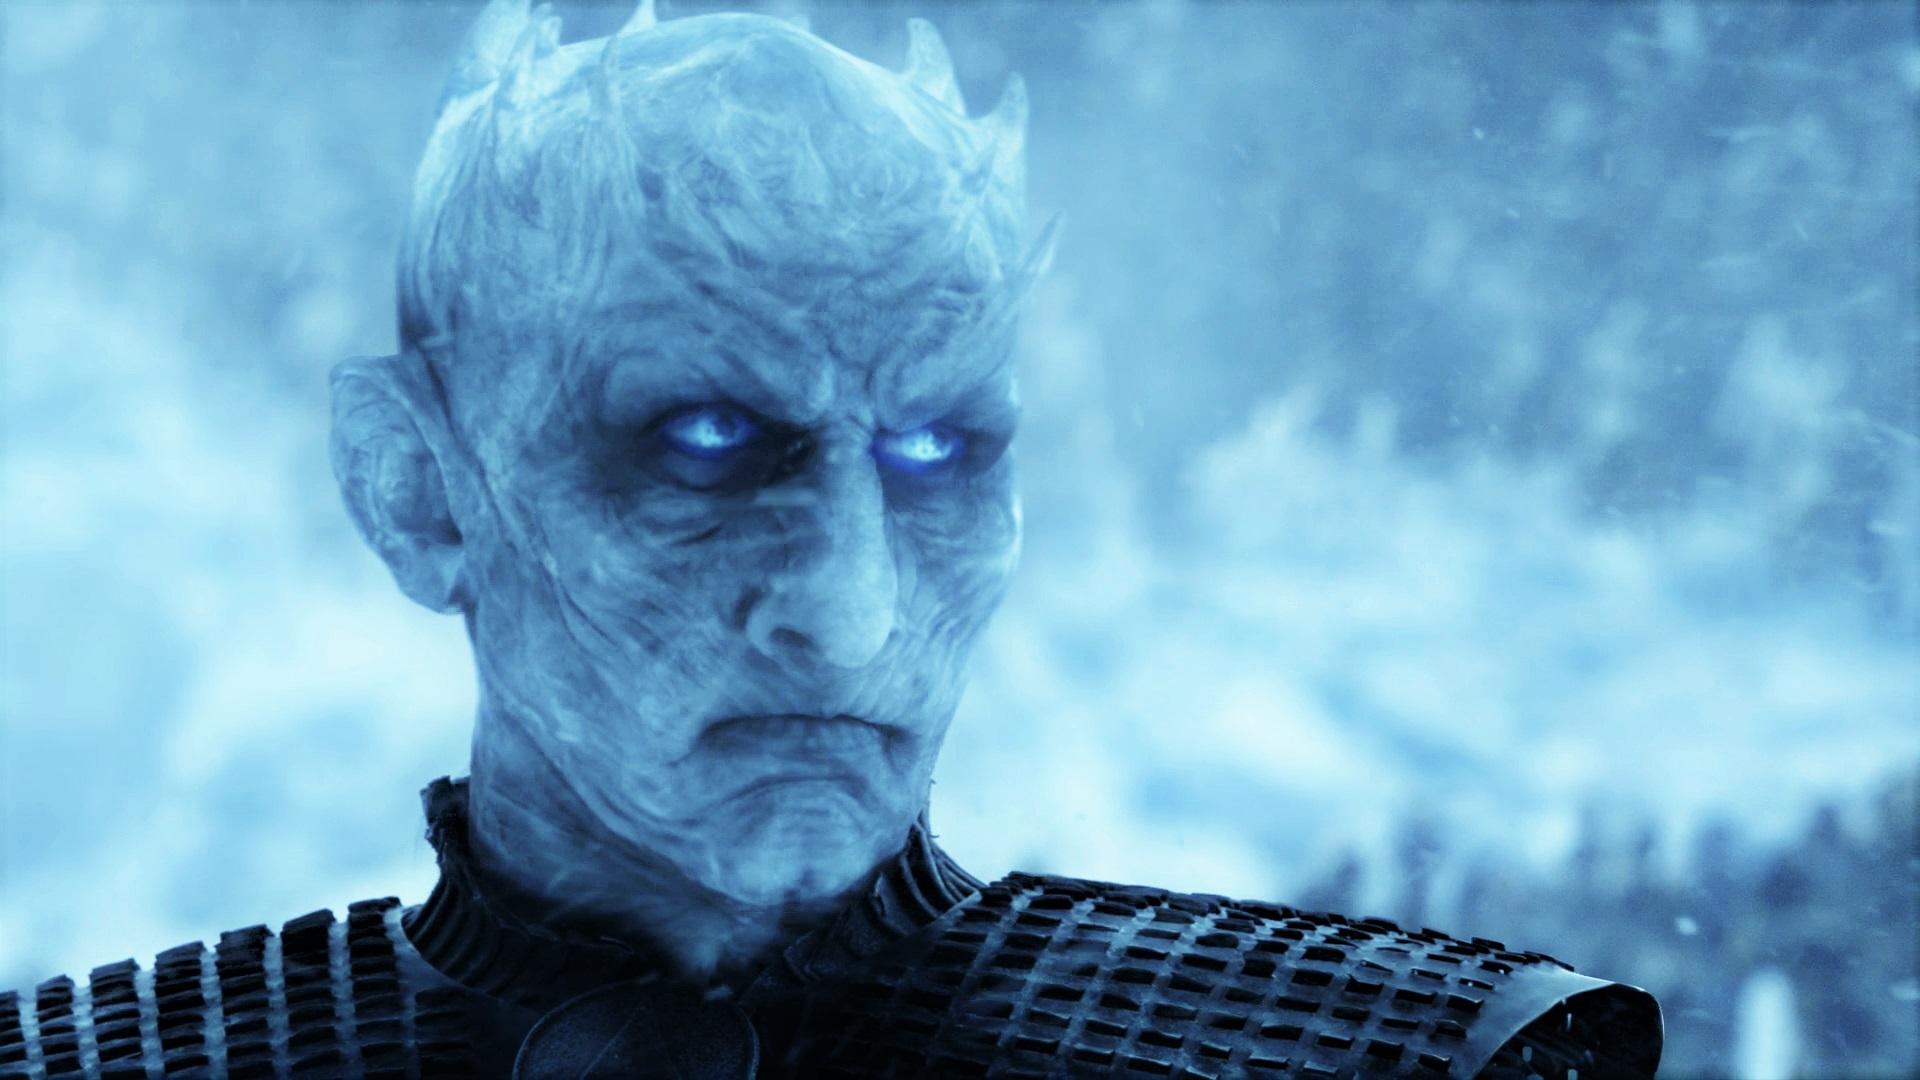 Night King Actor Spills Details On Season 8 Battle Kit Harington On